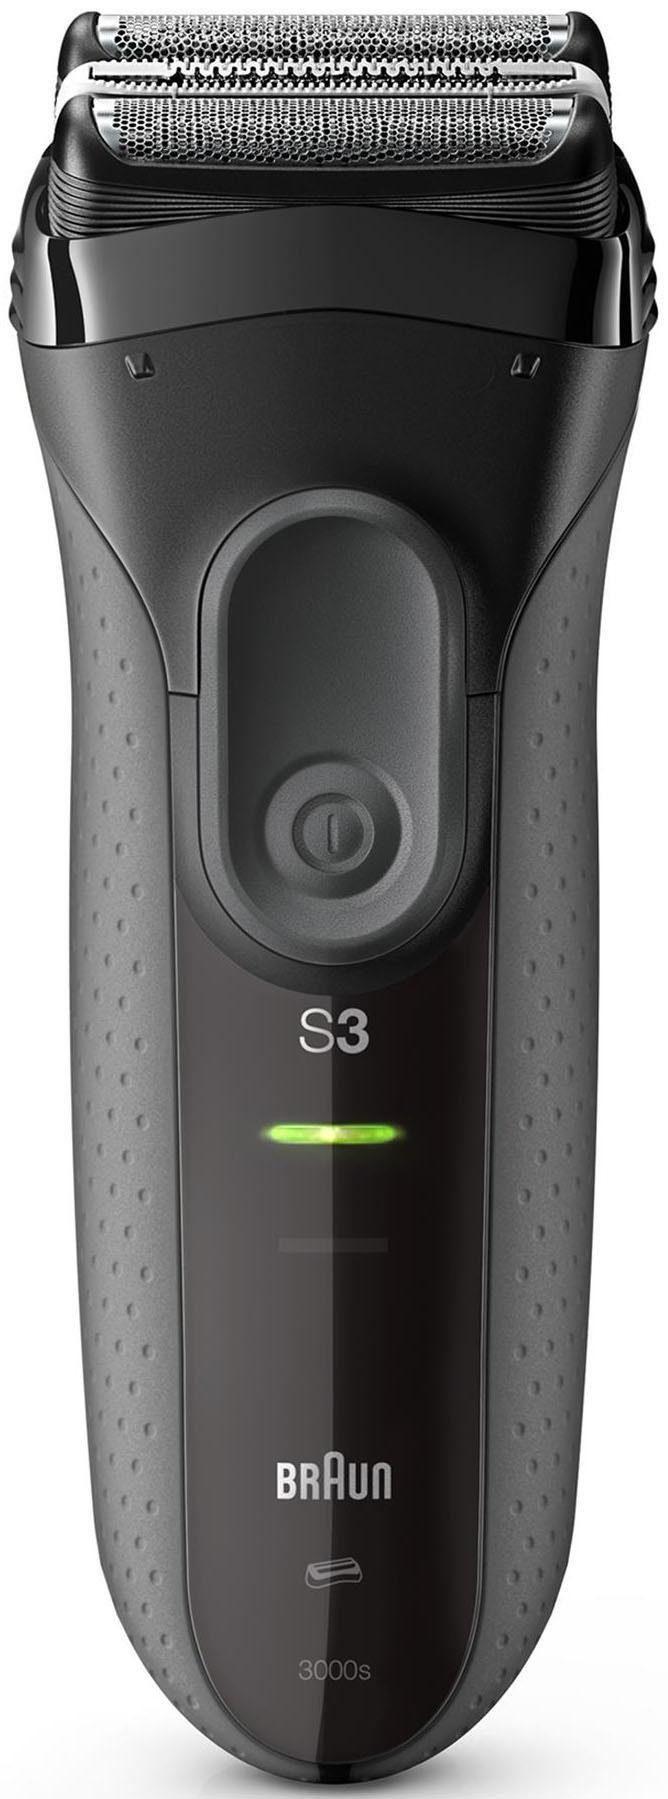 Braun Rasierer Series 3 ProSkin 3000s, wiederaufladbarer Elektrorasierer, schwarz